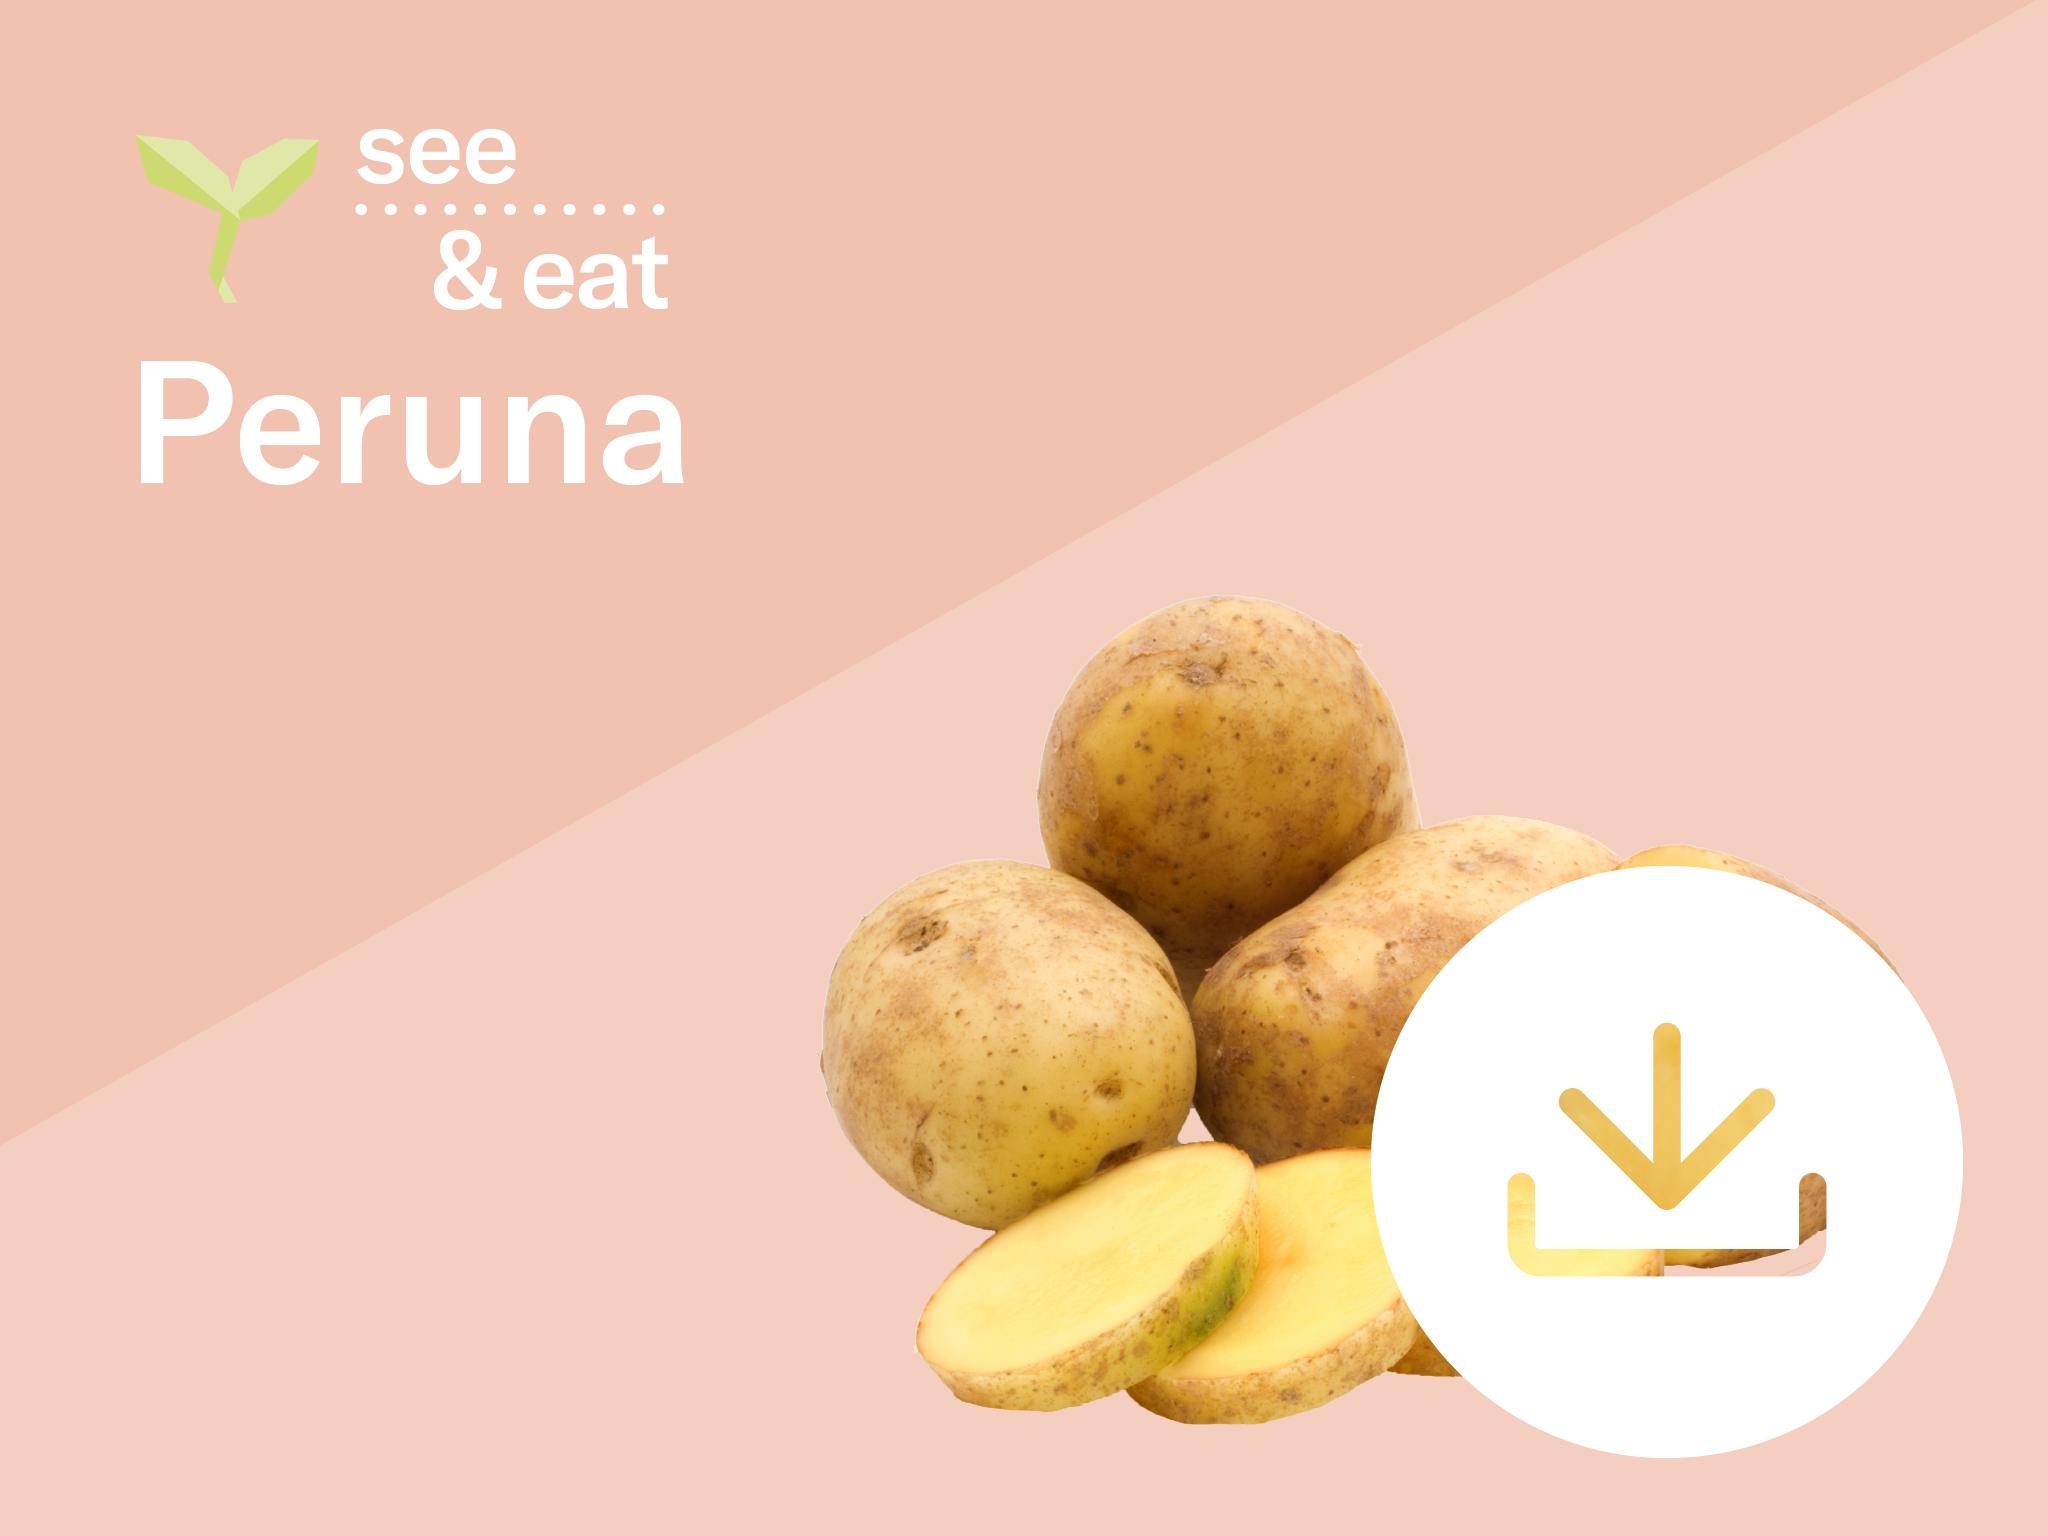 Peruna